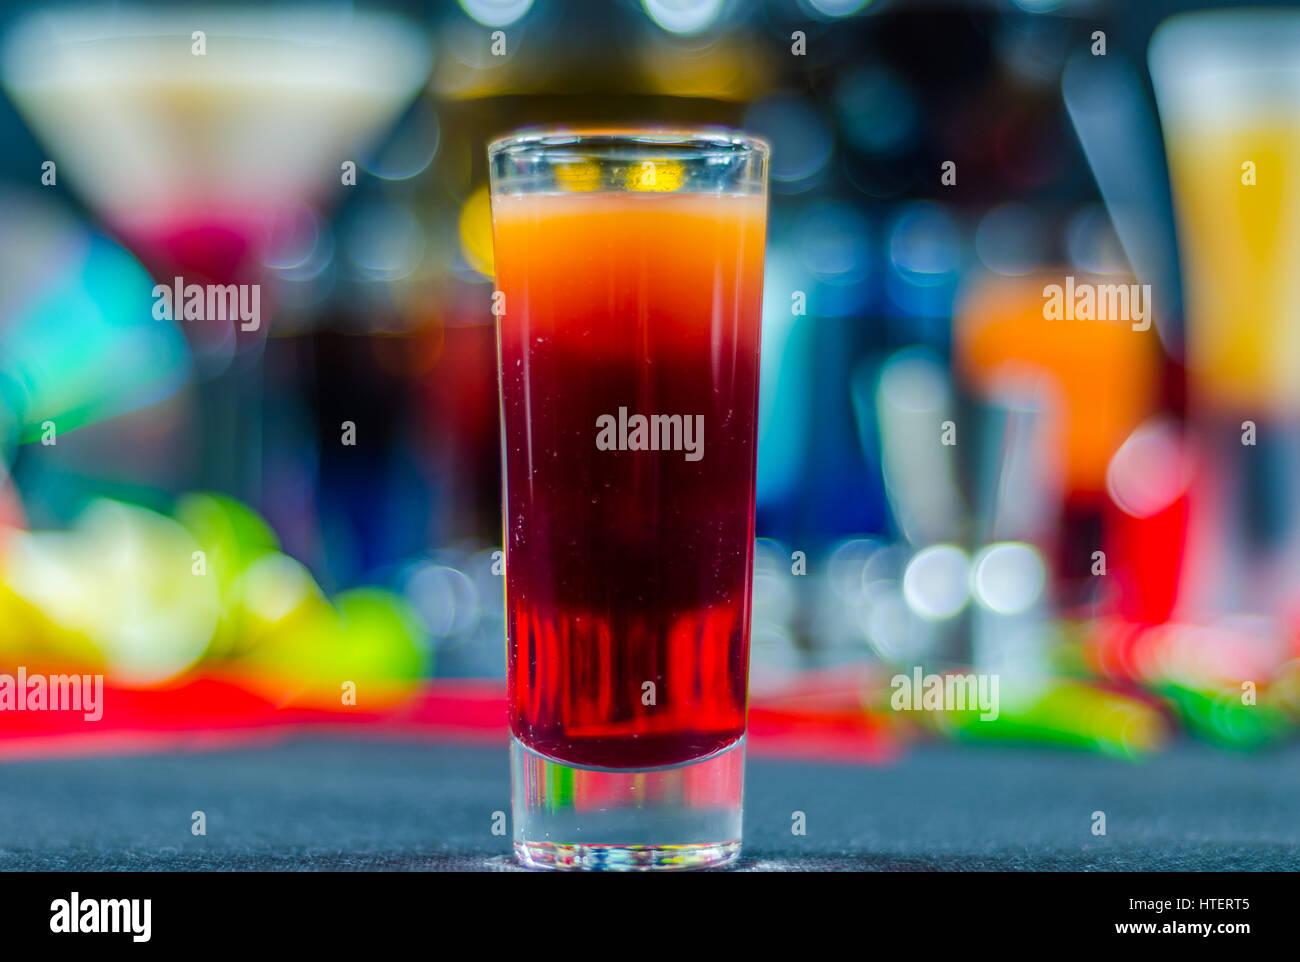 Trinken Sie Getränk im Glas für Aufnahmen, eine Kombination von Orange mit roten, bunten Hintergrund farbige, Stockbild